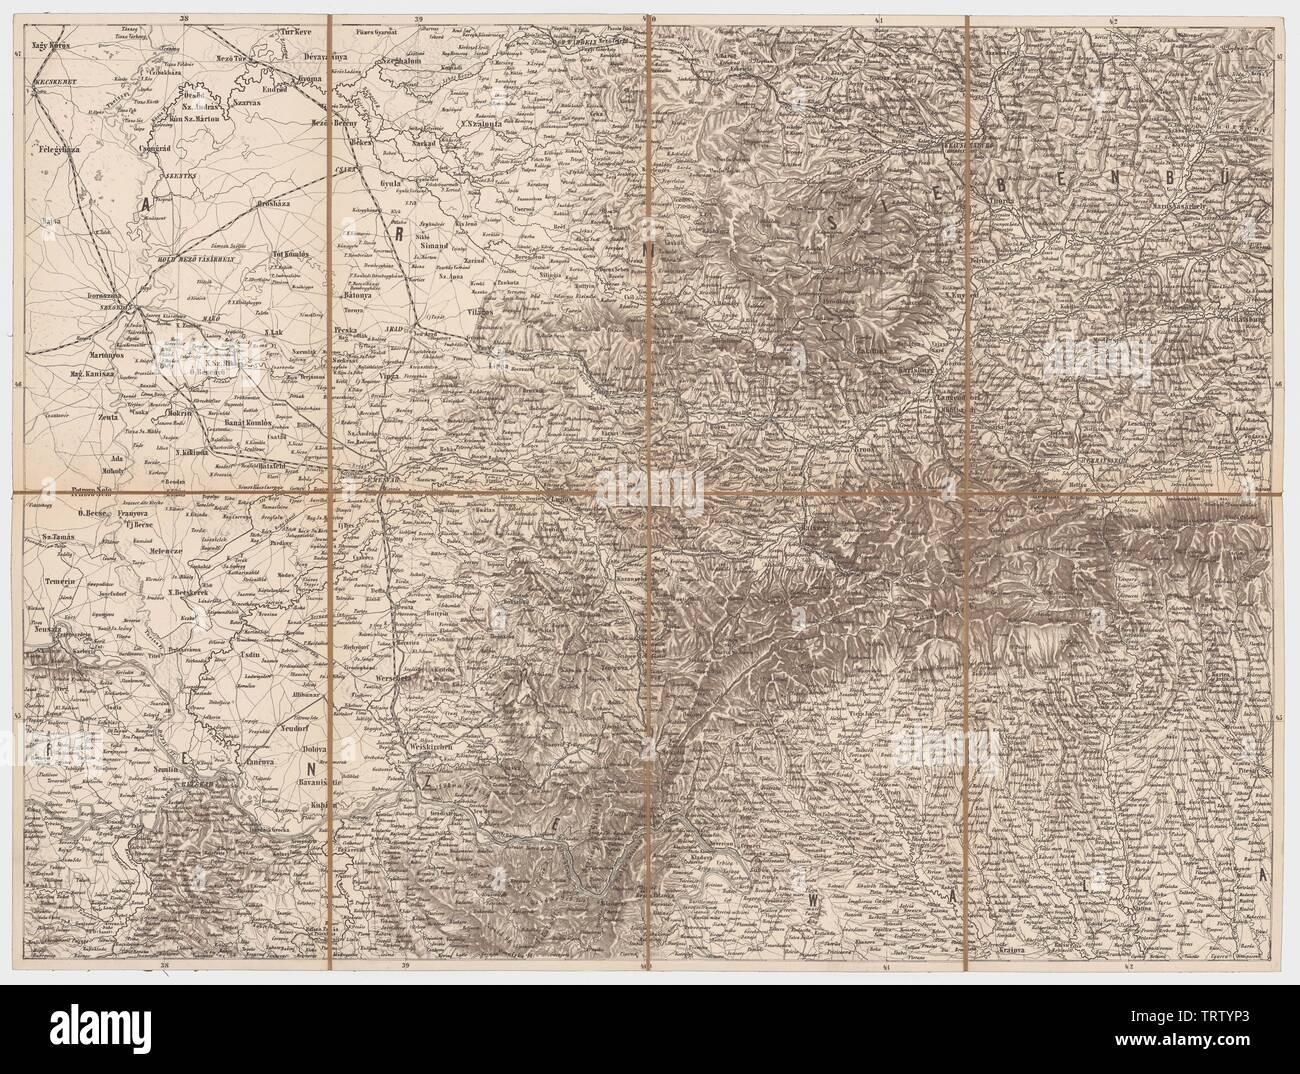 östliches Ungarn und Siebenbürgen aus der Generalkarte der europäischen Türkei und Griechenlands; between 1860 and 1870 date QS:P,+1850-00-0 Stock Photo